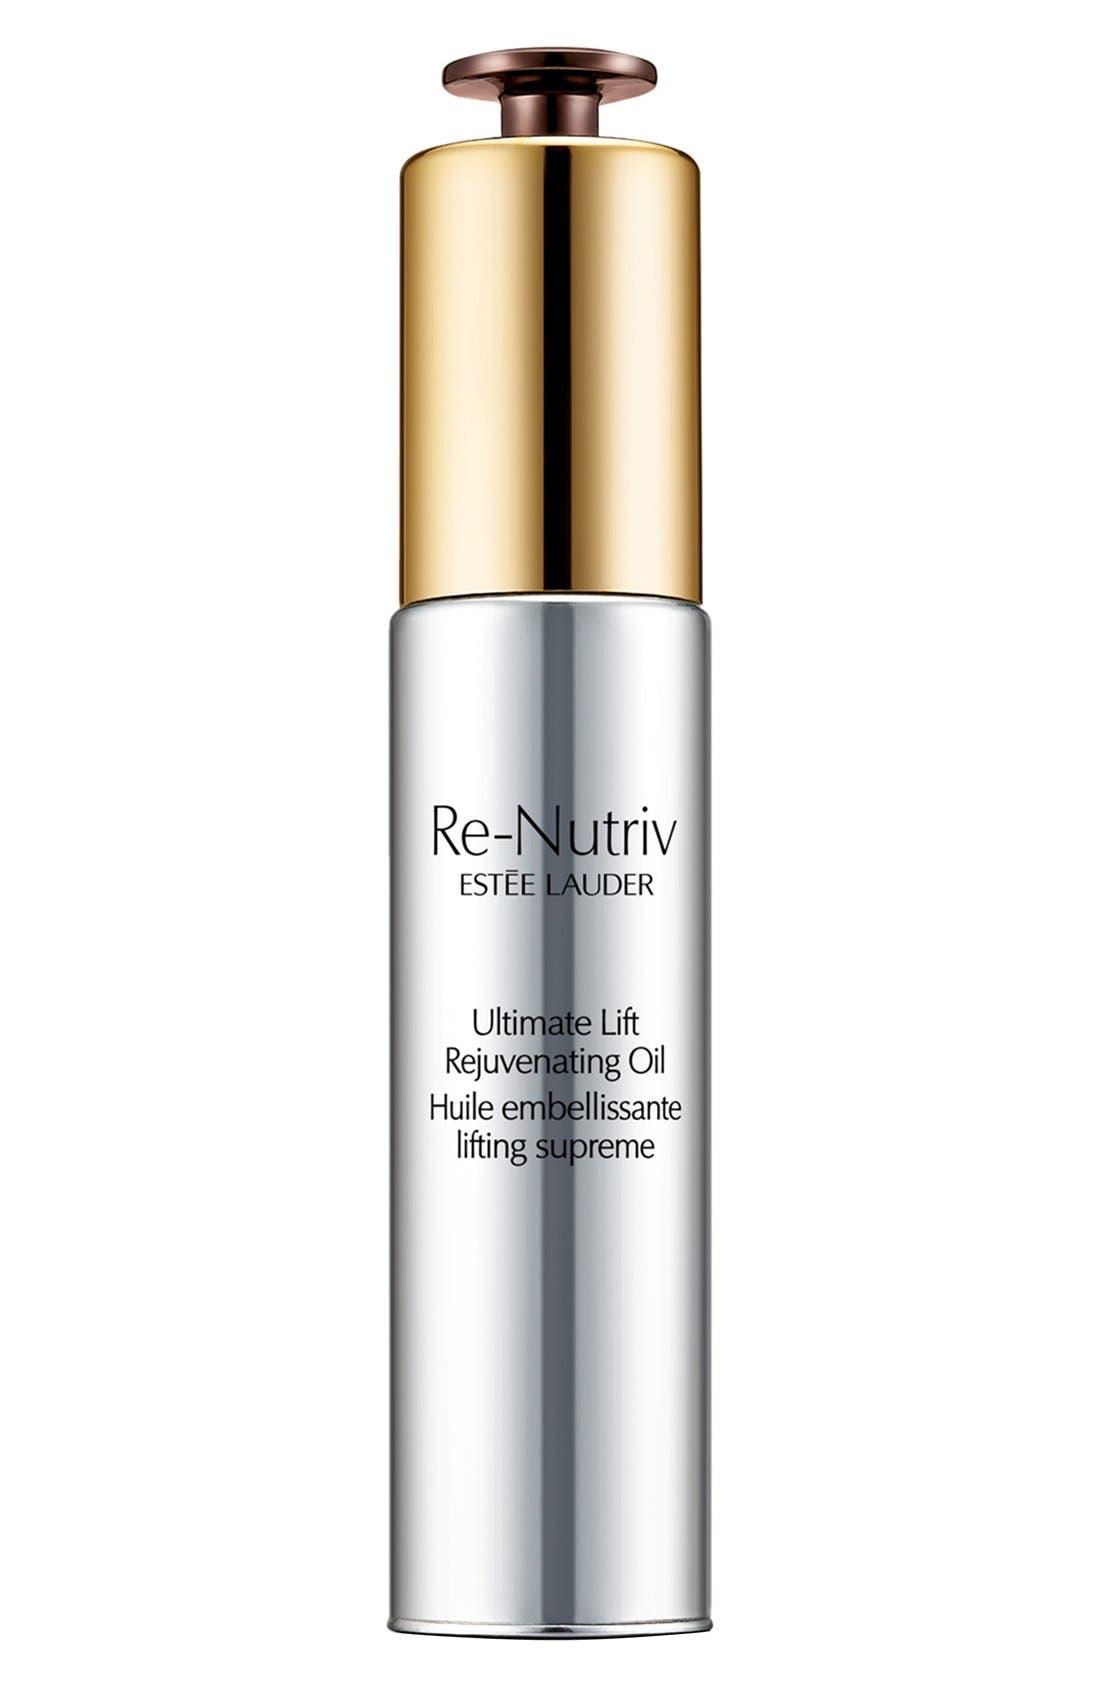 Re-Nutriv Ultimate Lift Rejuvenating Oil,                             Main thumbnail 1, color,                             000